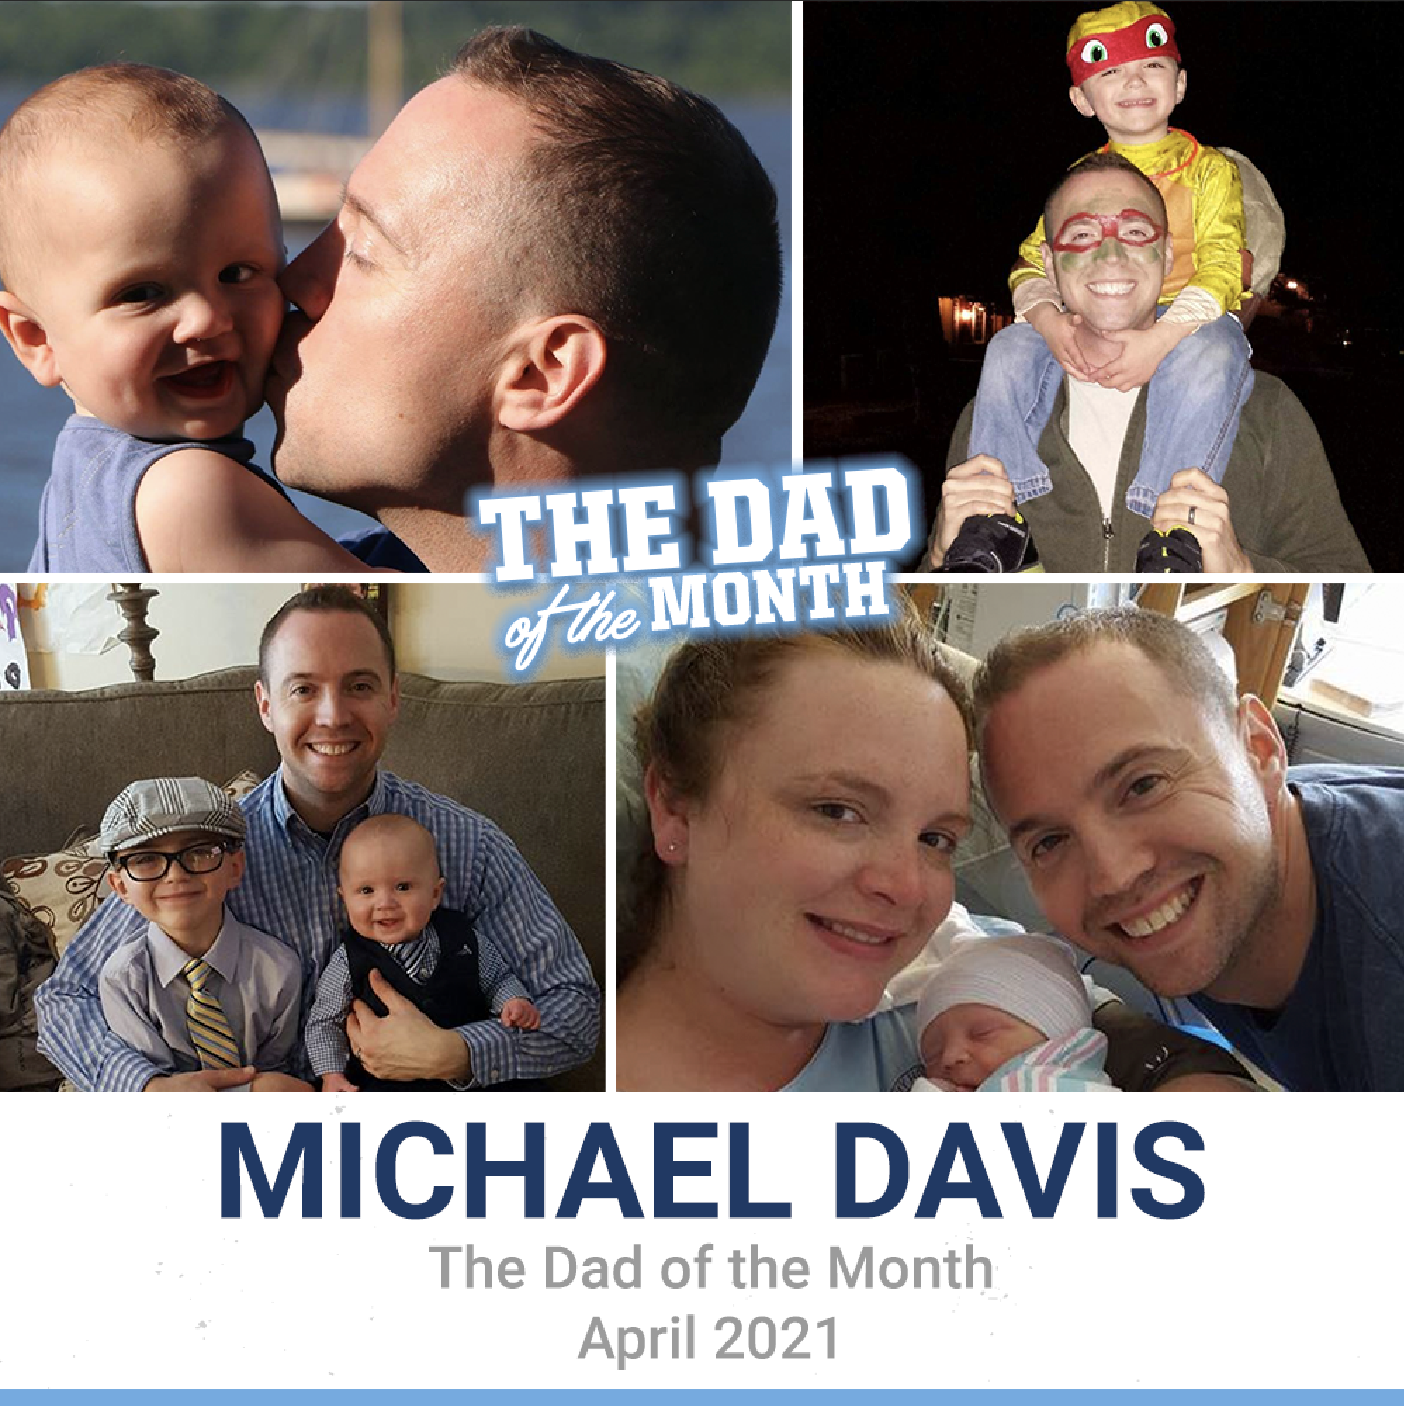 April 2021: Michael Davis